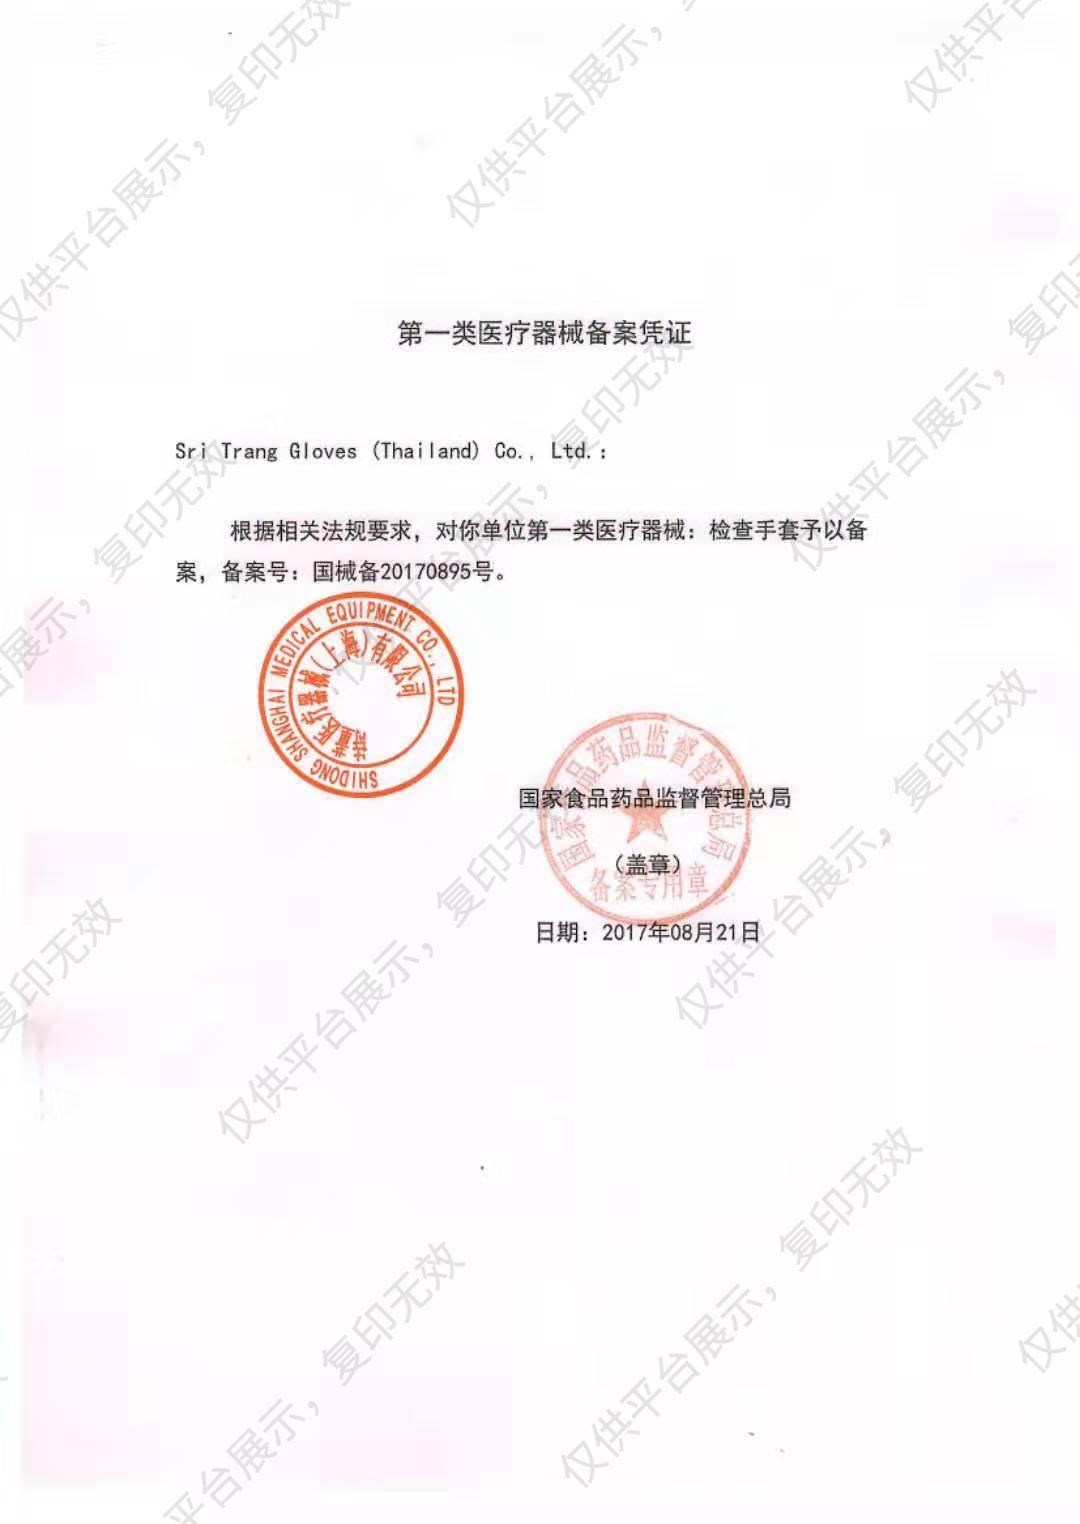 施睿康 检查手套 乳胶 有粉 中号(100只/盒 10盒/箱)注册证